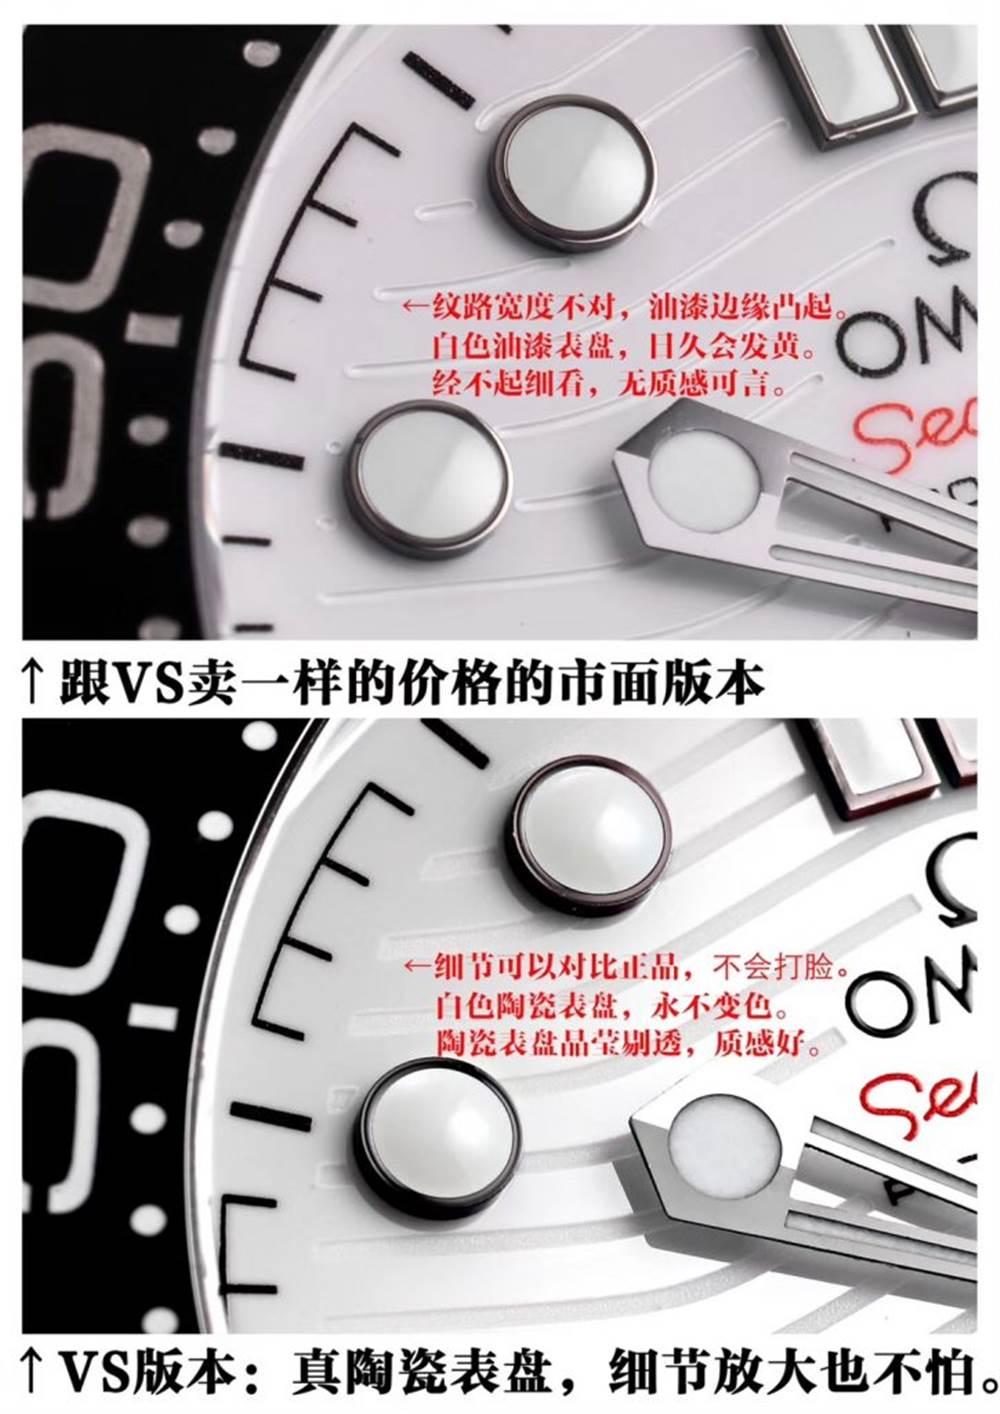 VS厂欧米茄海马系列熊猫色对比正品怎么样?你买对了版本了吗?